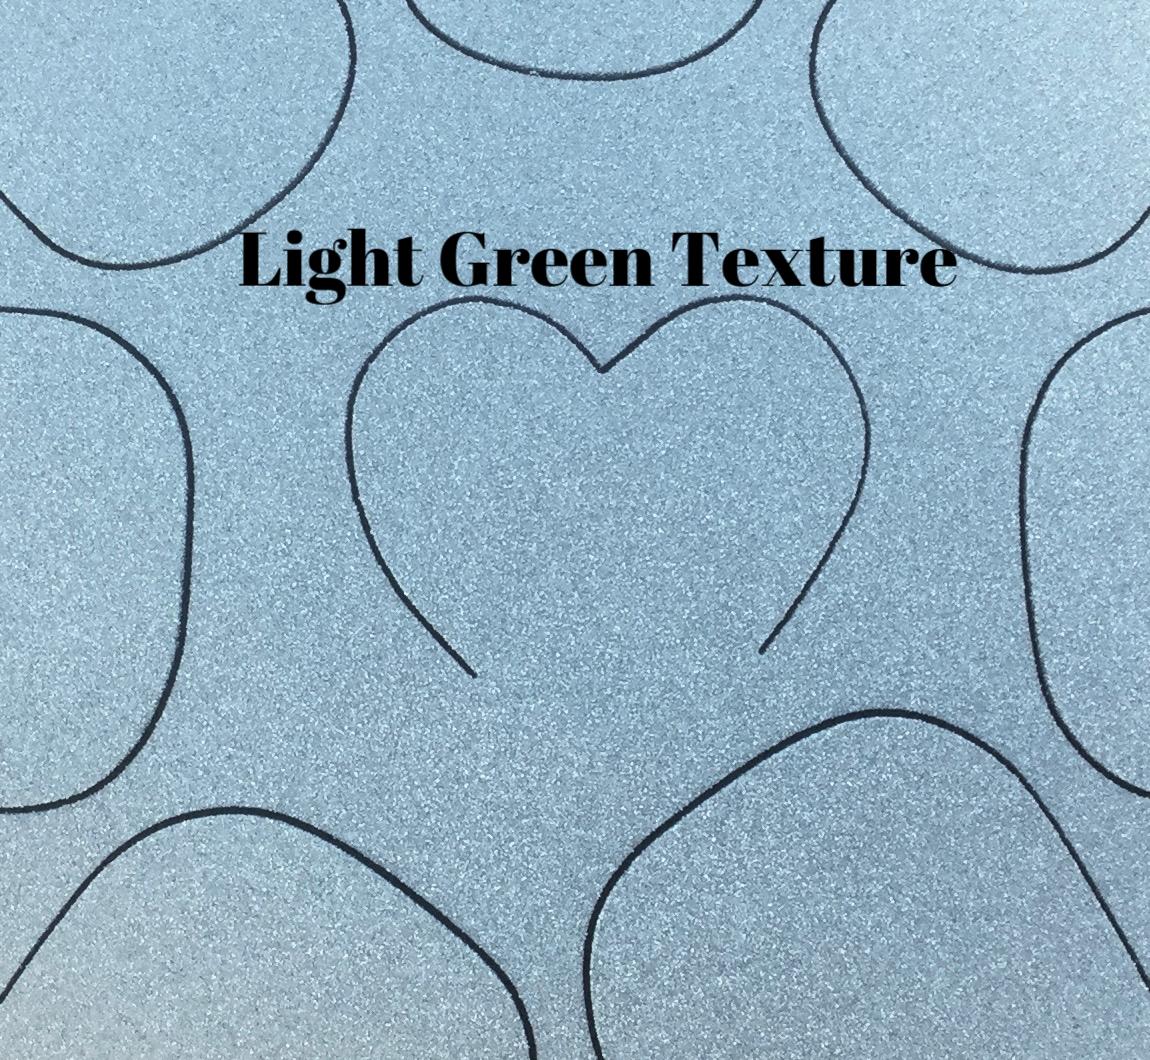 Light Green Texture_2374.jpg